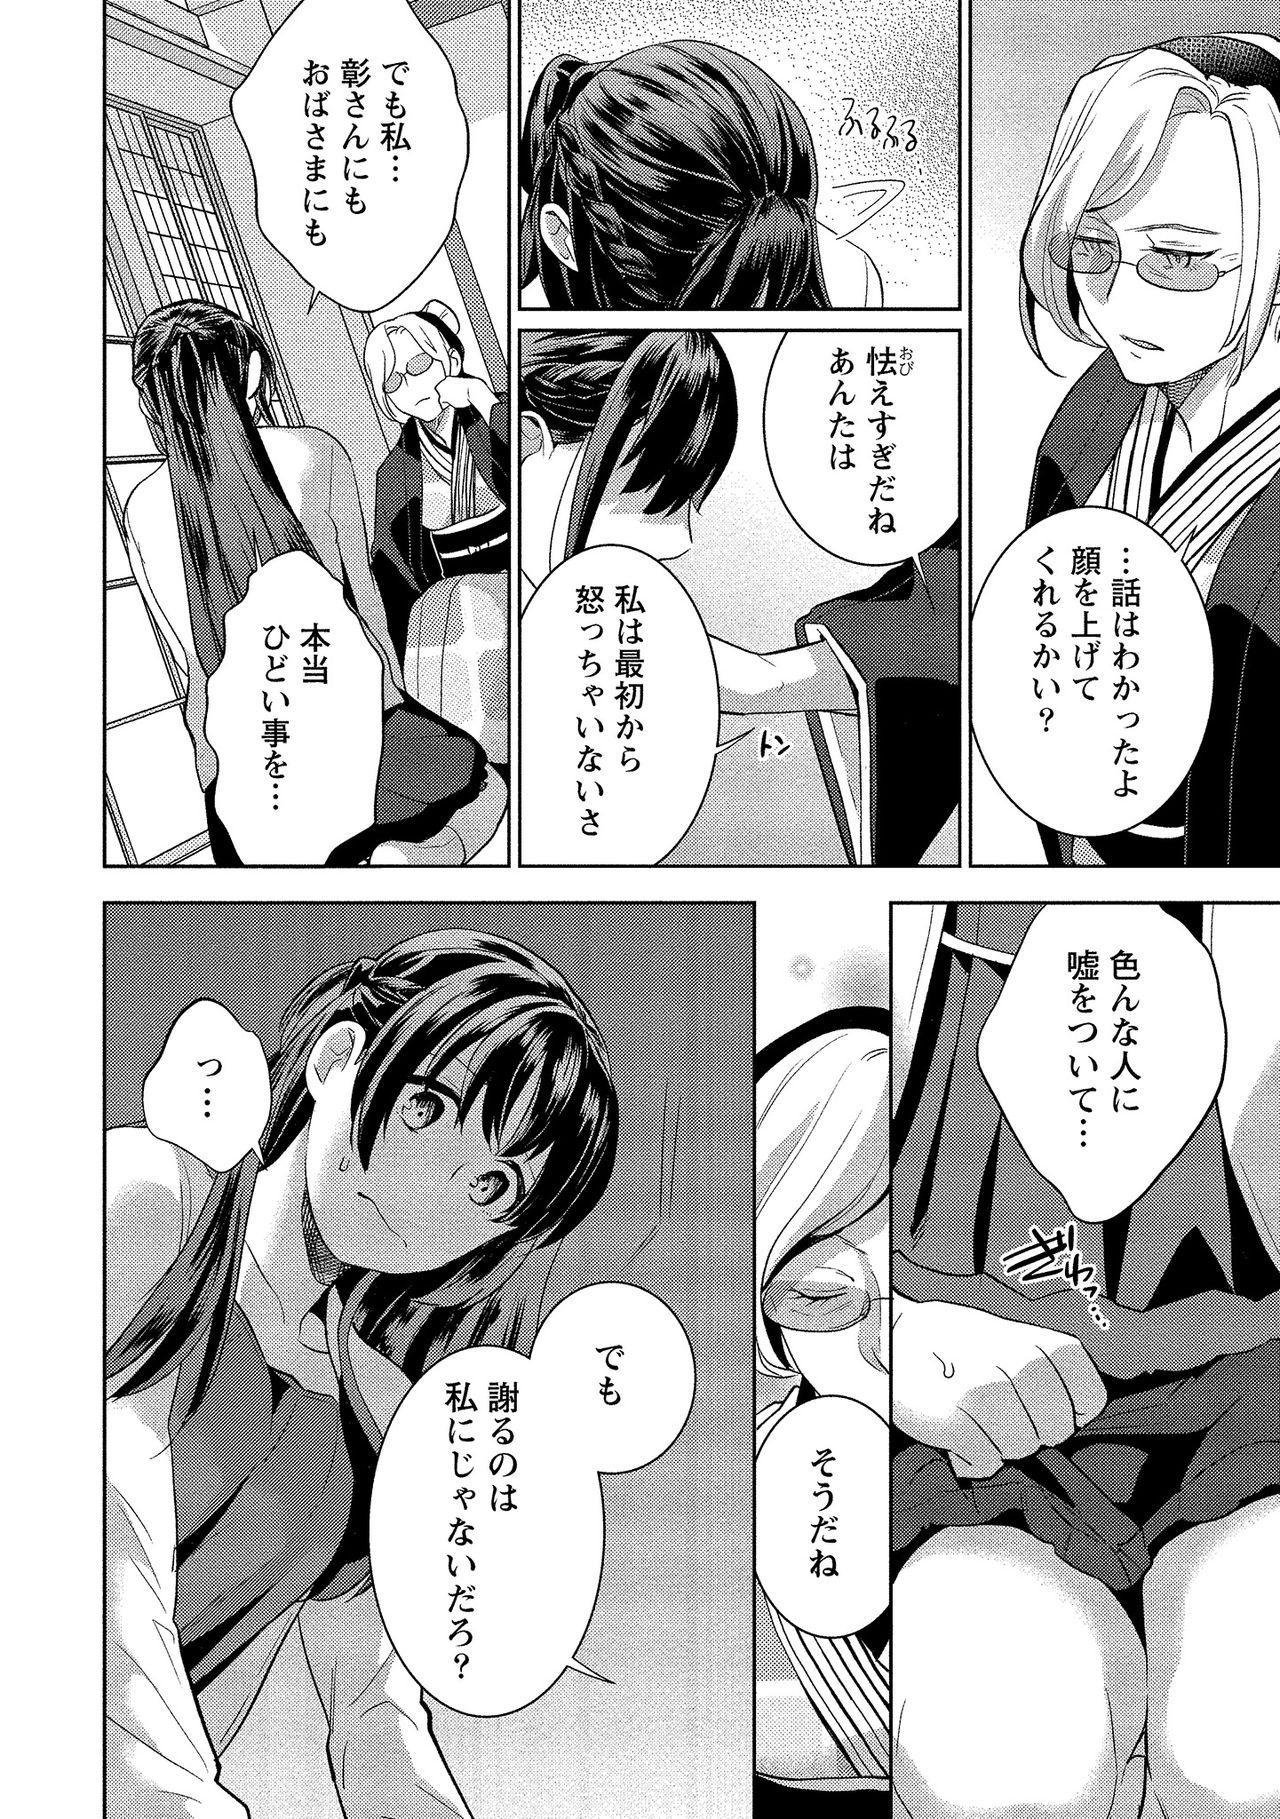 Dorobou Neko wa Kanojo no Hajimari 202